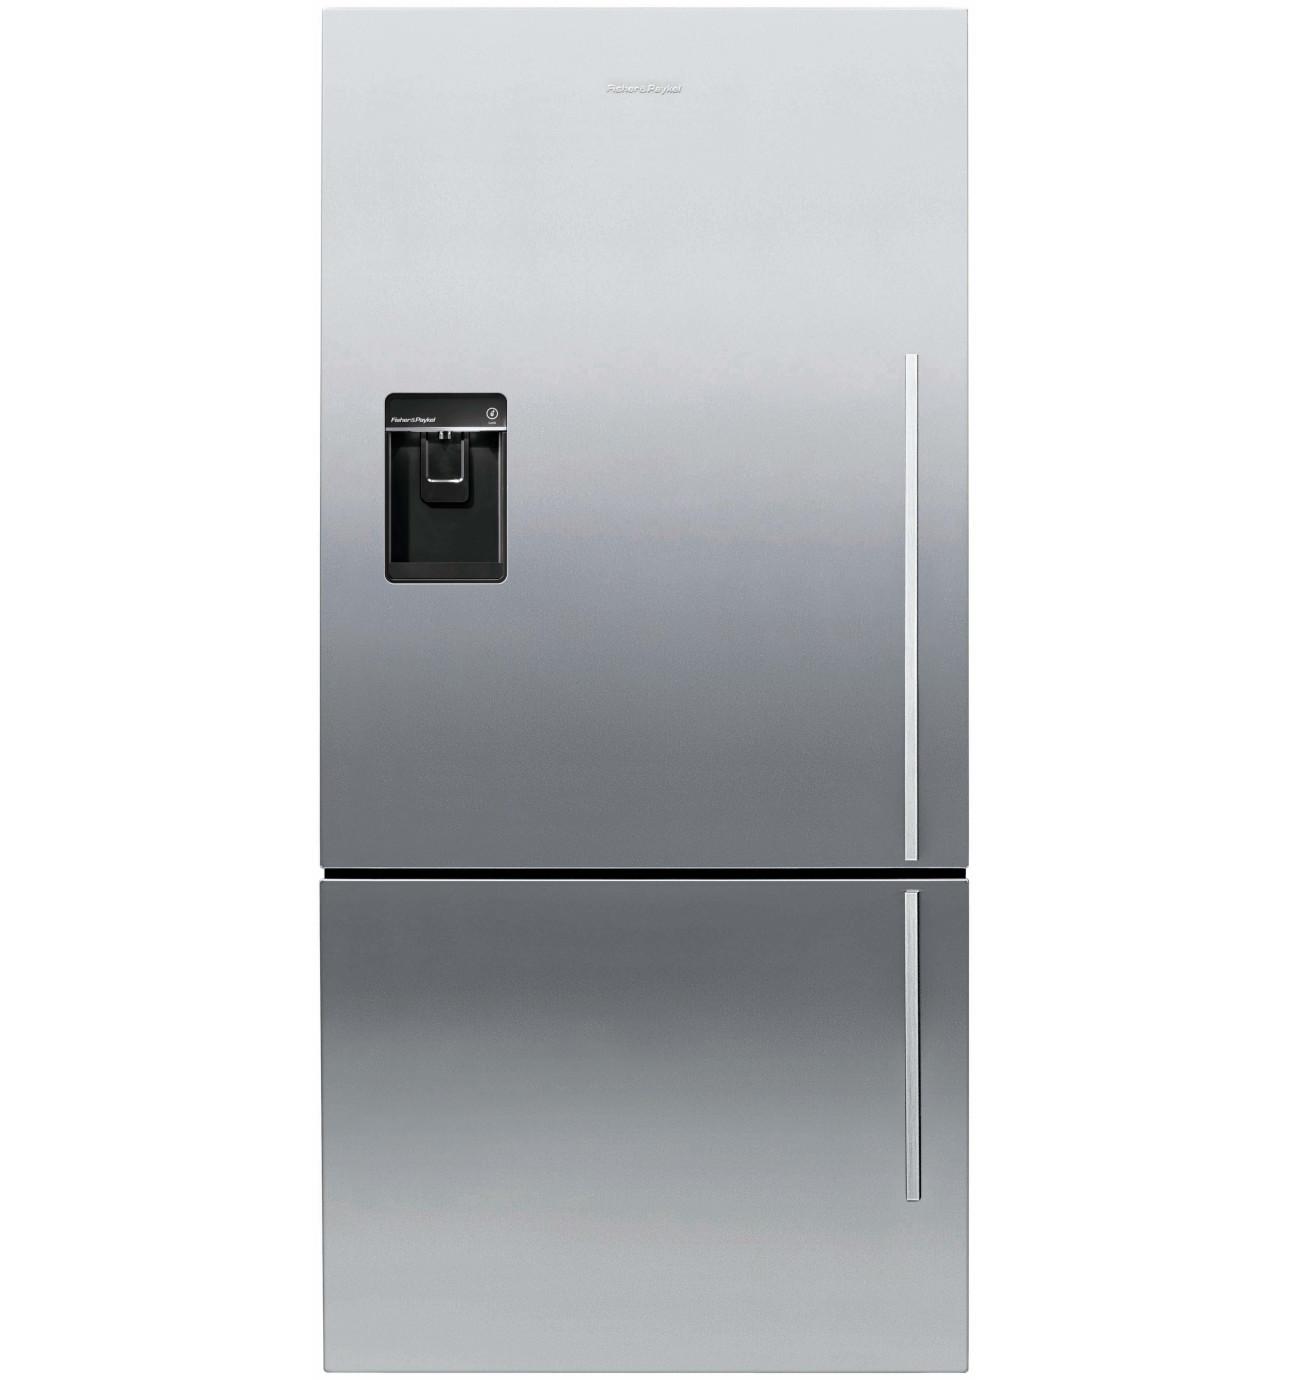 e522blxfdu5 519l bottom mount fridge left hand